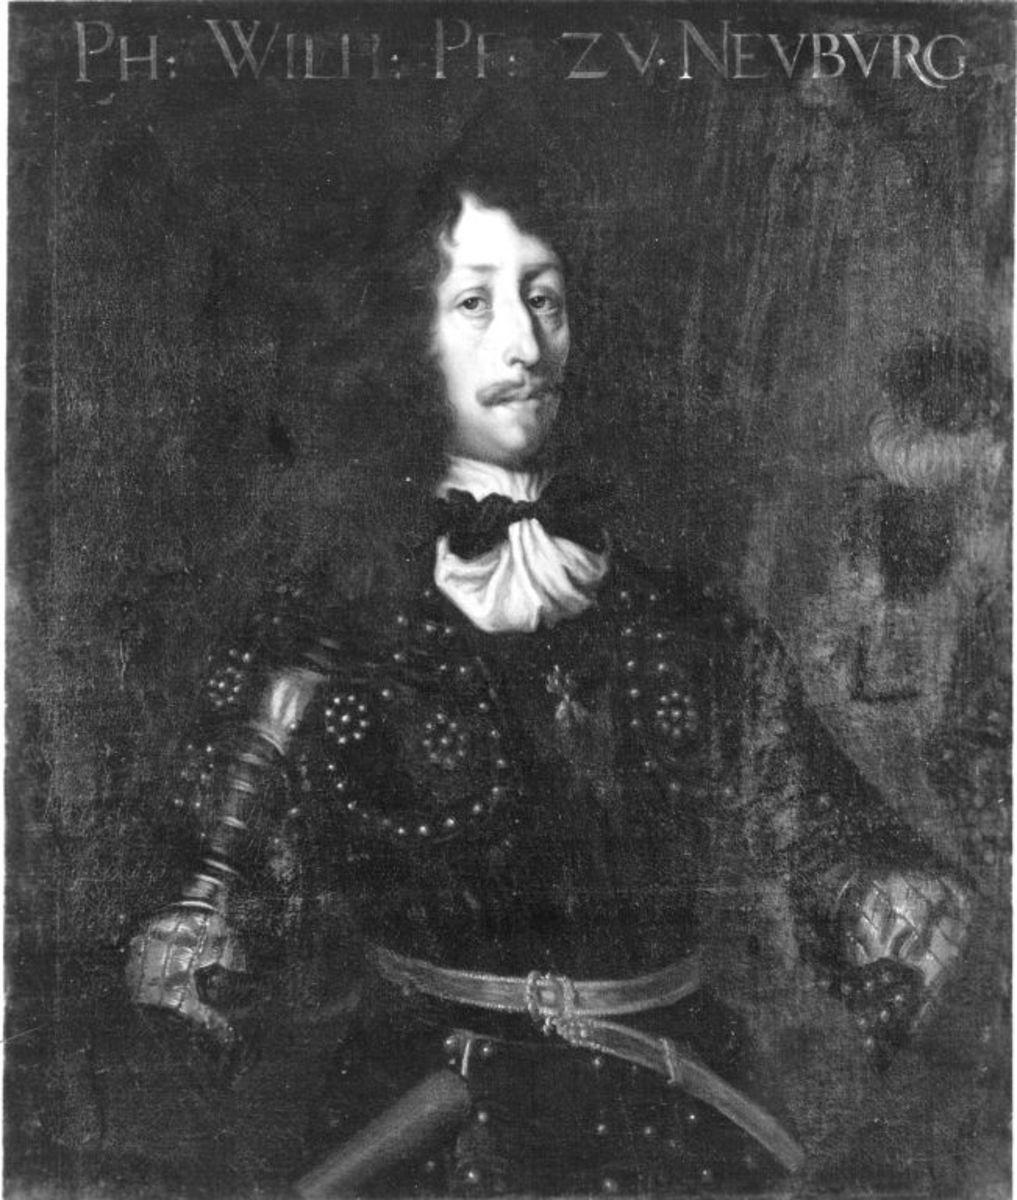 Bildnis des Philipp Wilhelm, Pfalzgraf und Herzog von Pfalz-Neuburg (1615-1690)